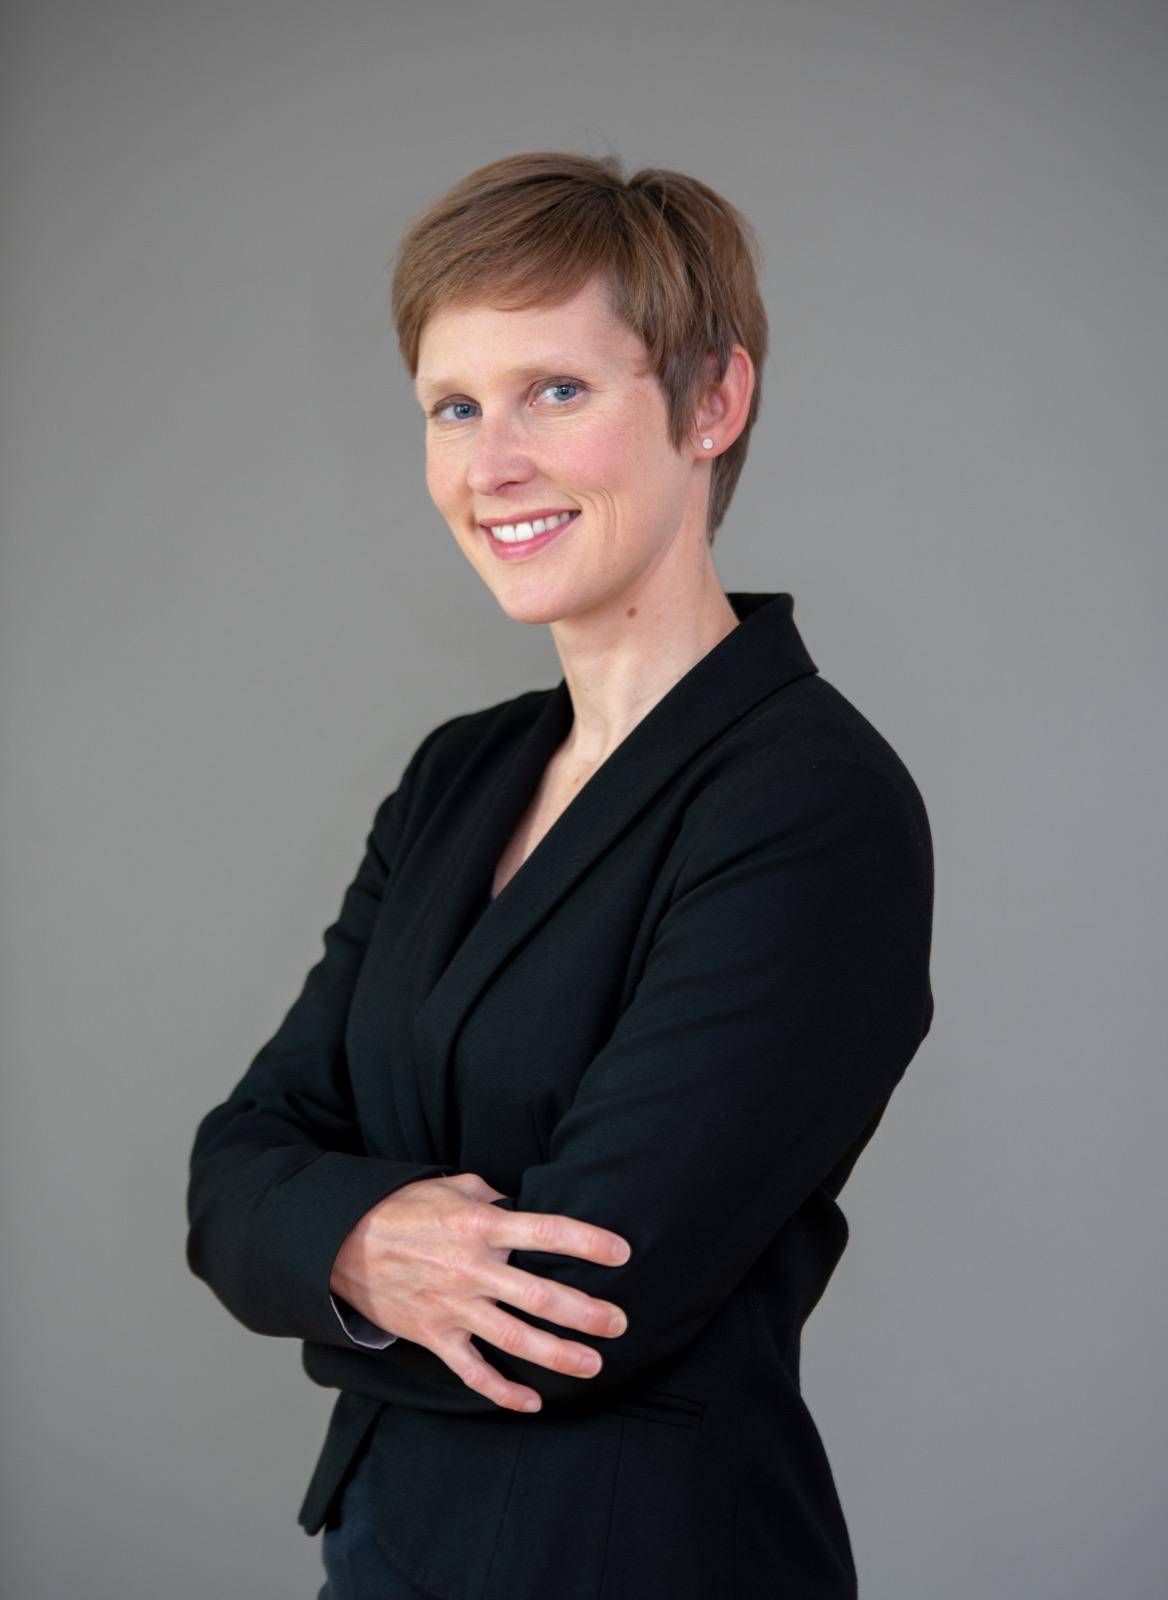 Klara Dunkel